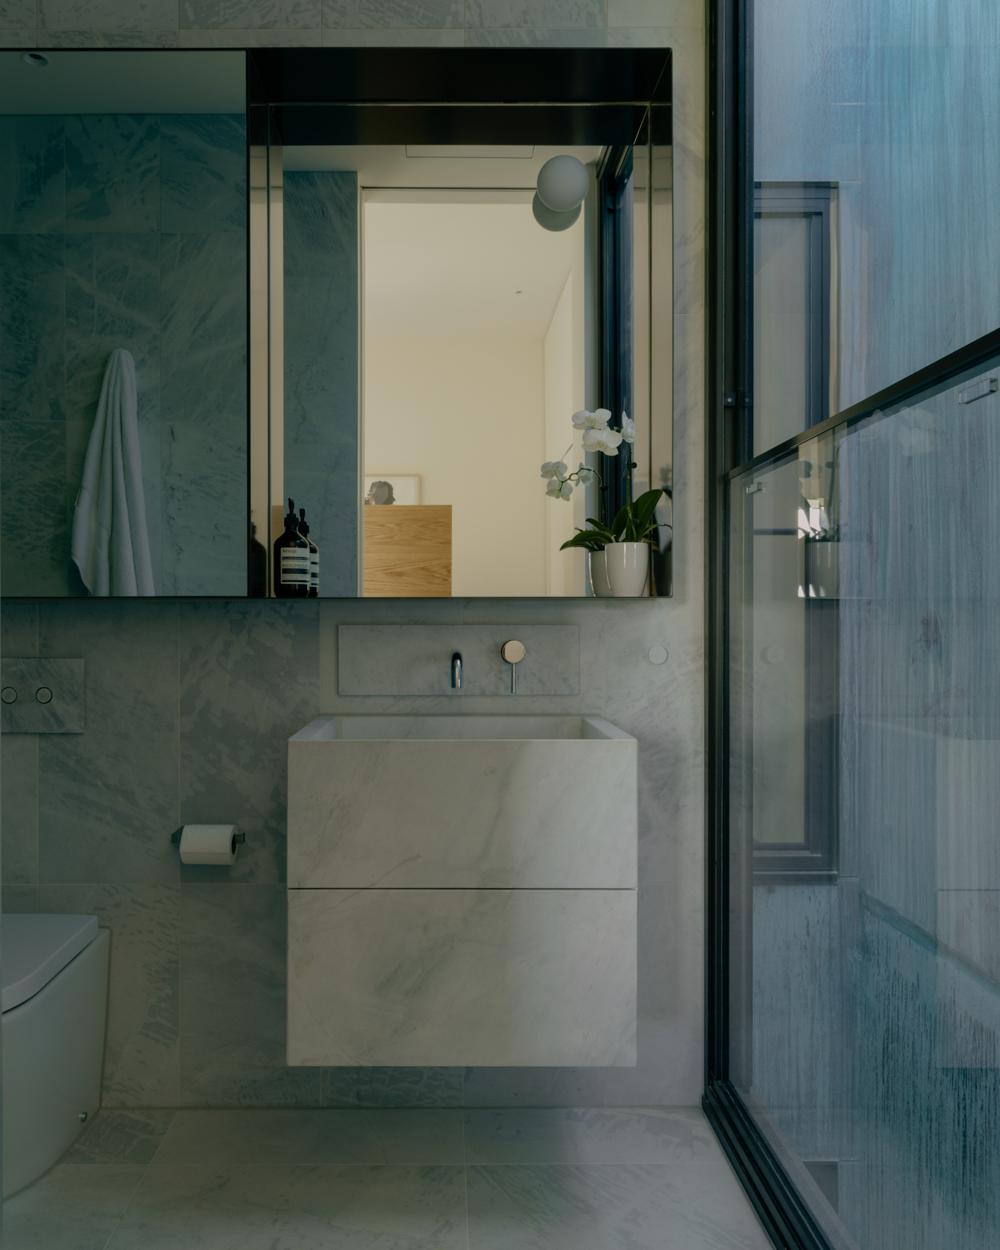 Apartment bathroom design